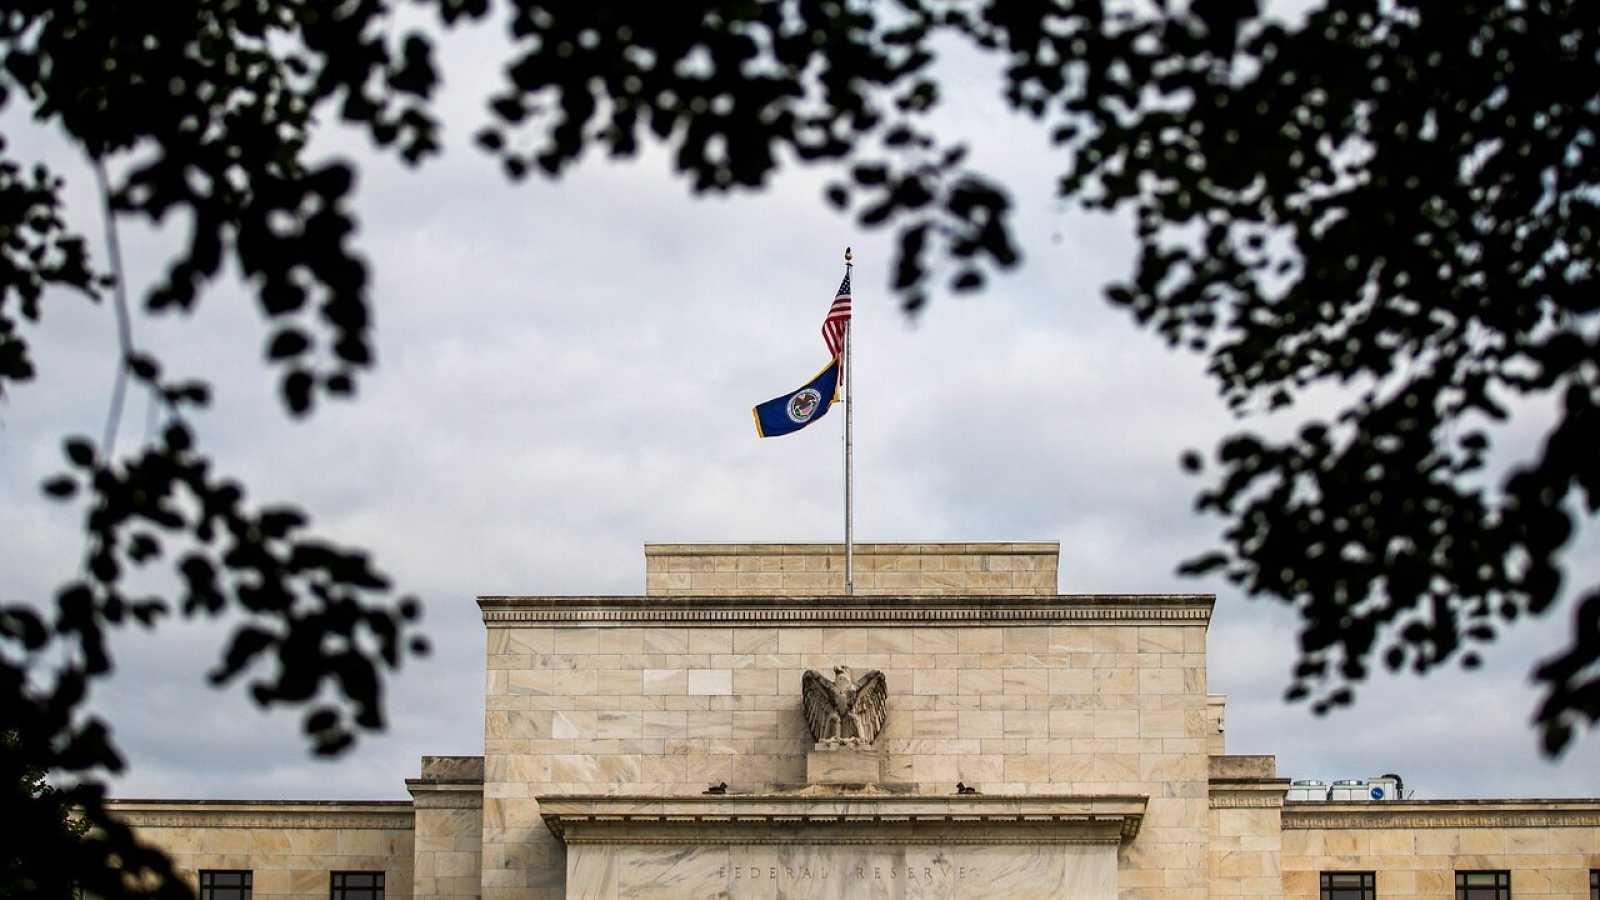 La sede de la Reserva Federal de los Estados Unidos en Washington